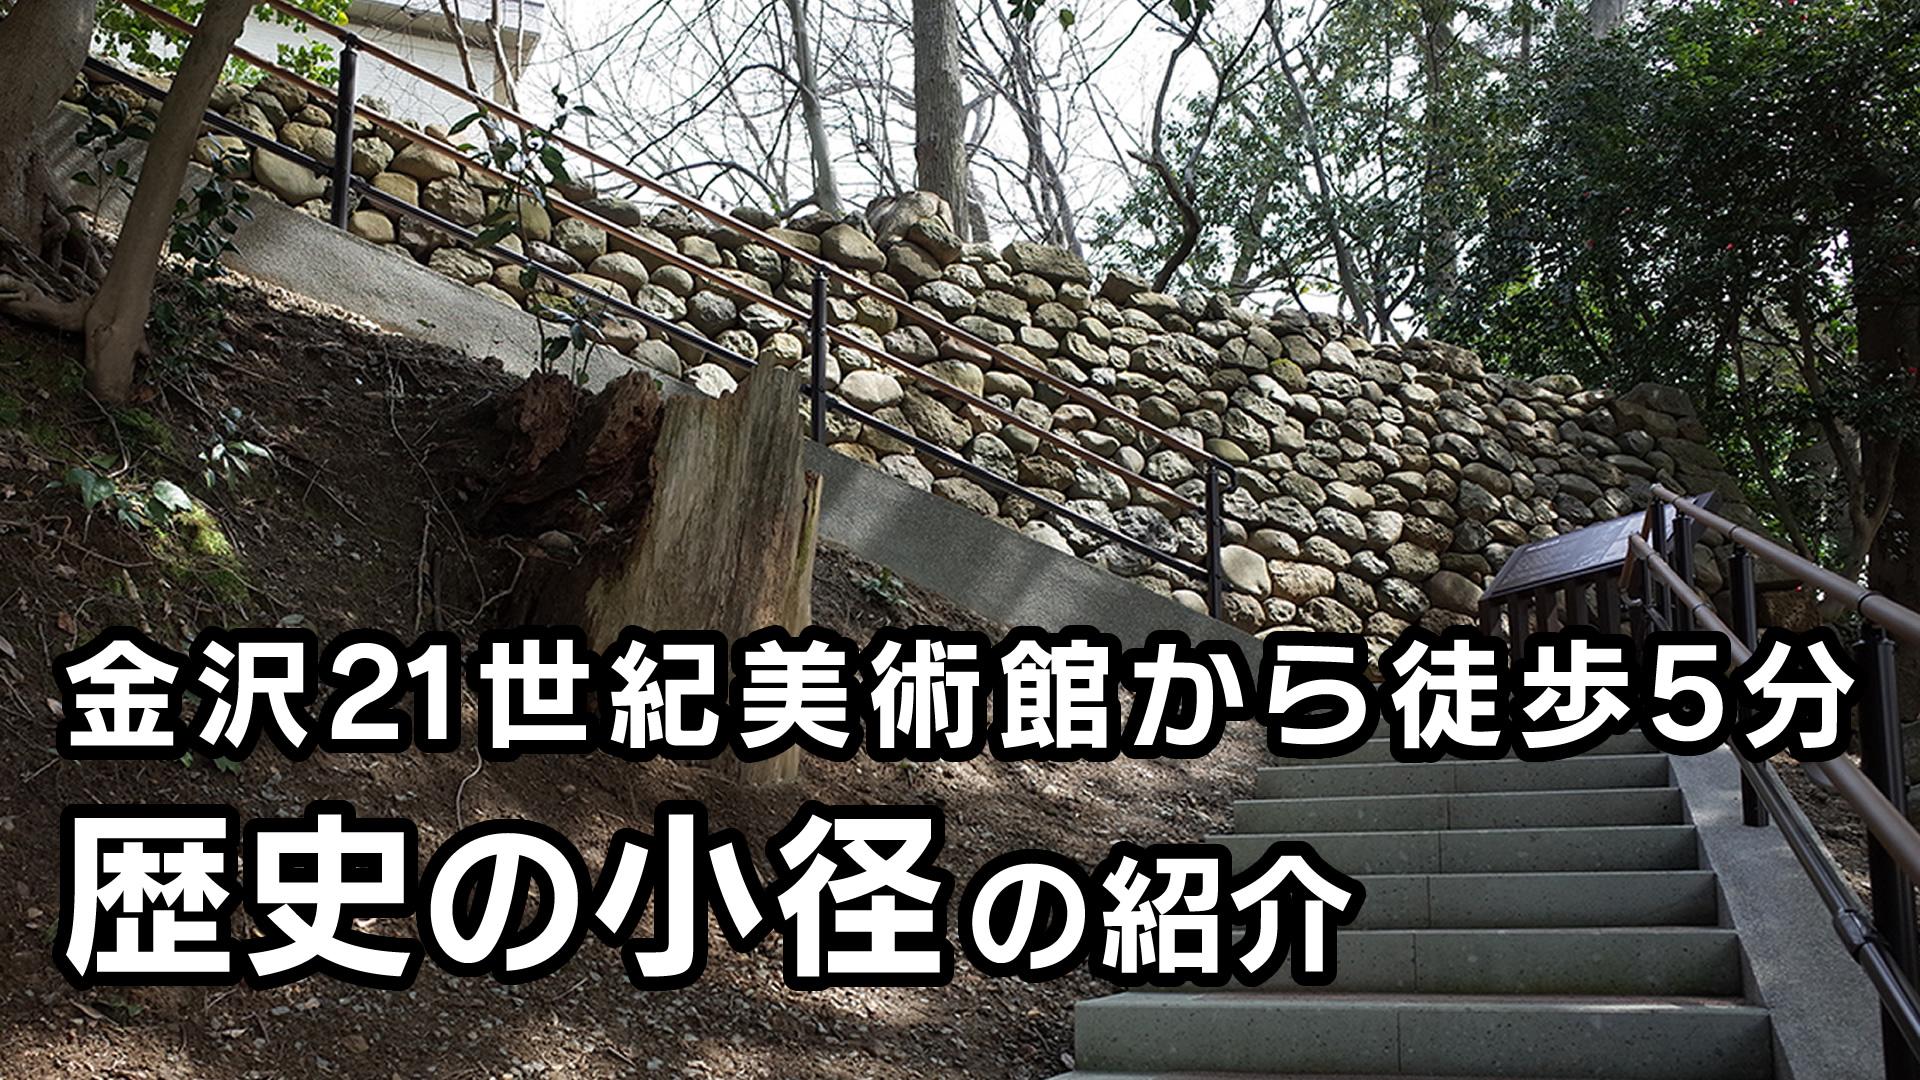 金沢21世紀美術館から徒歩5分。武家屋敷の遺構にふれあえる歴史の小径の紹介 #006